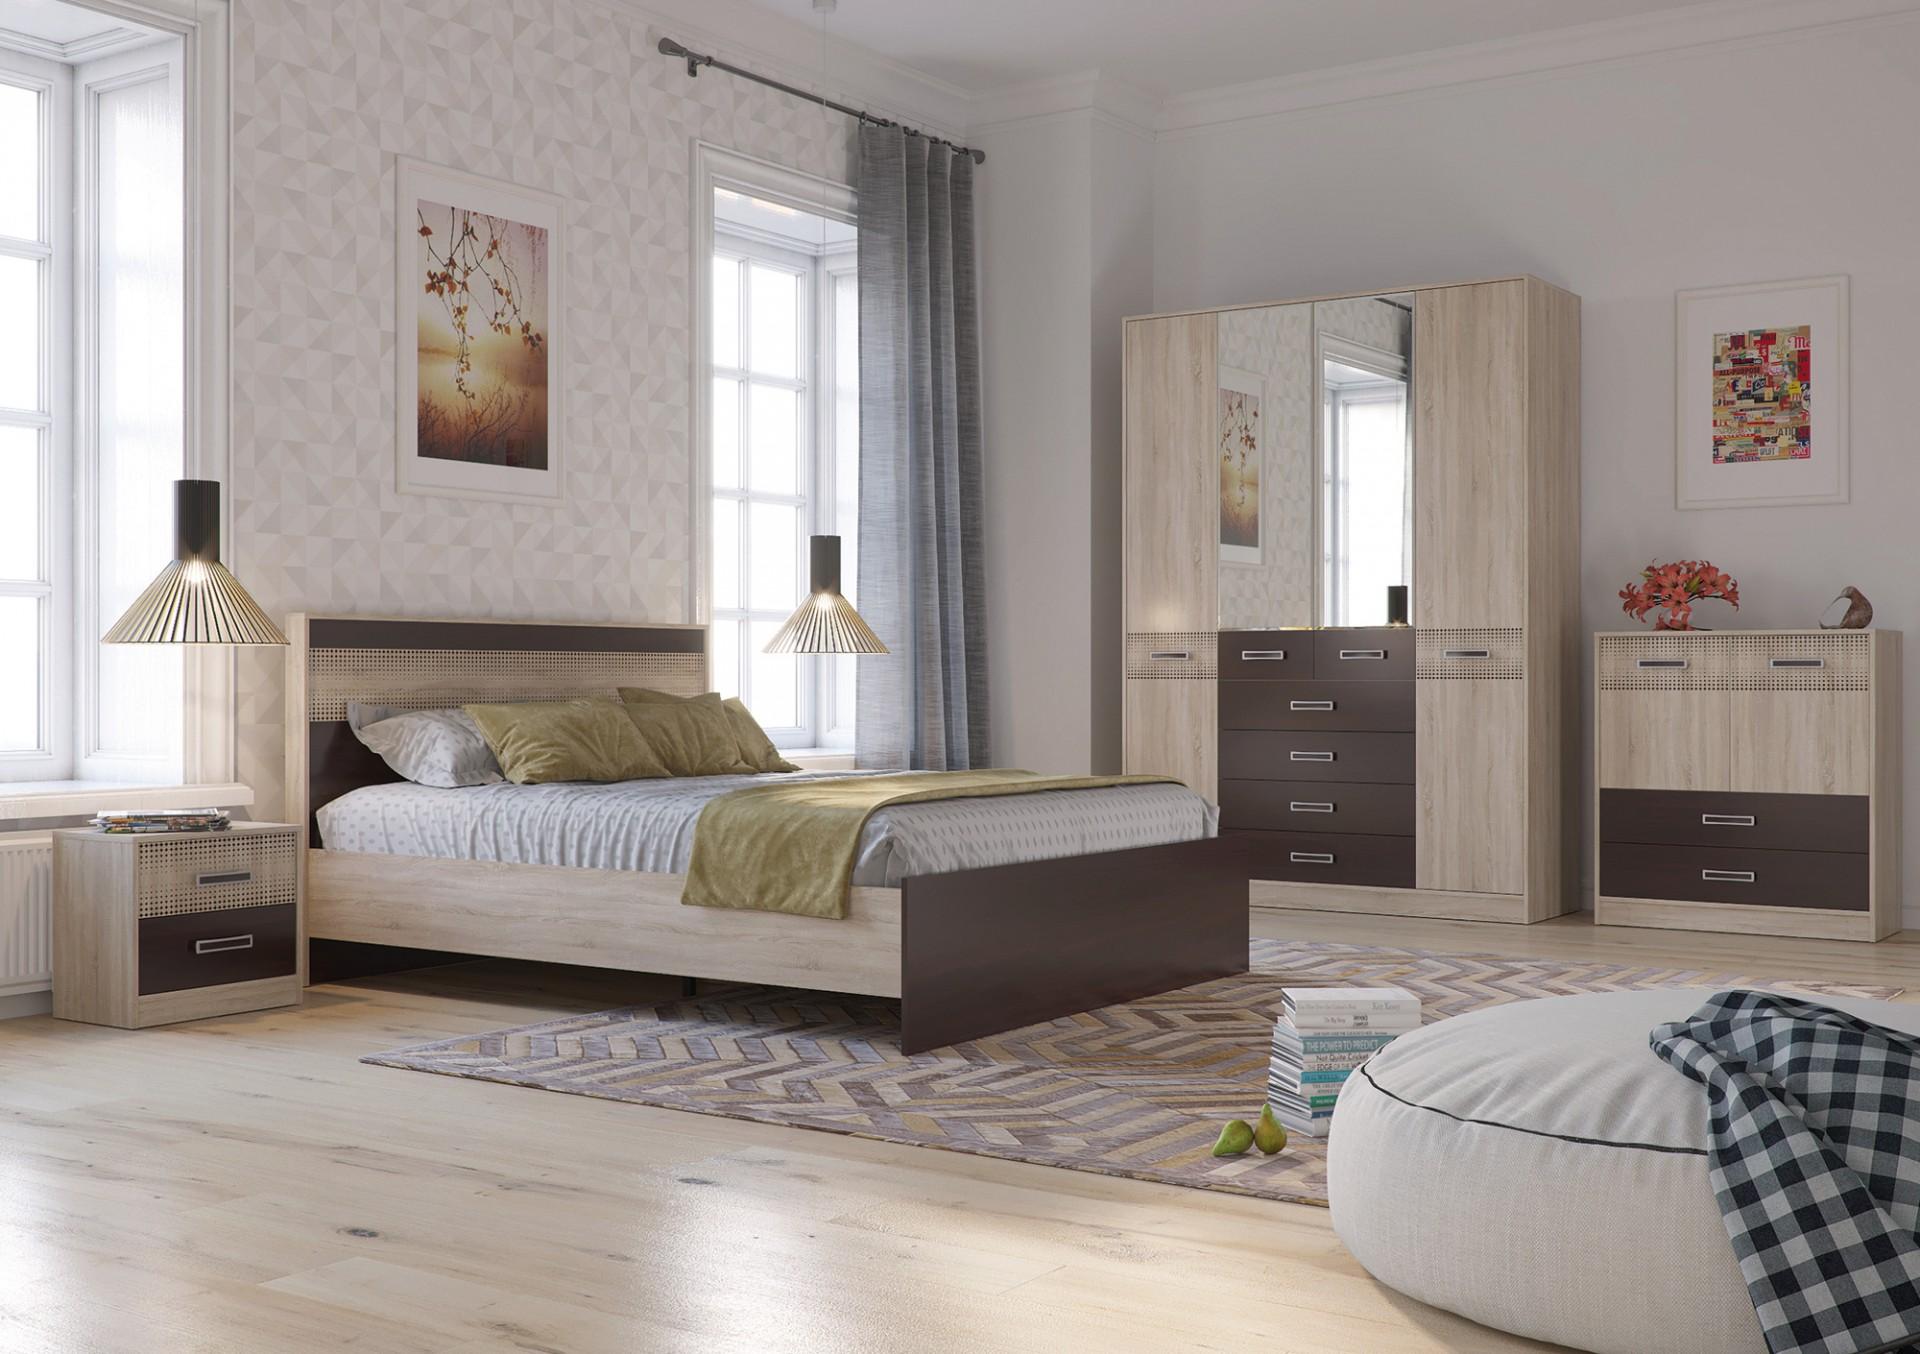 спальня румба все модули грквол интернет магазин мебели мебель